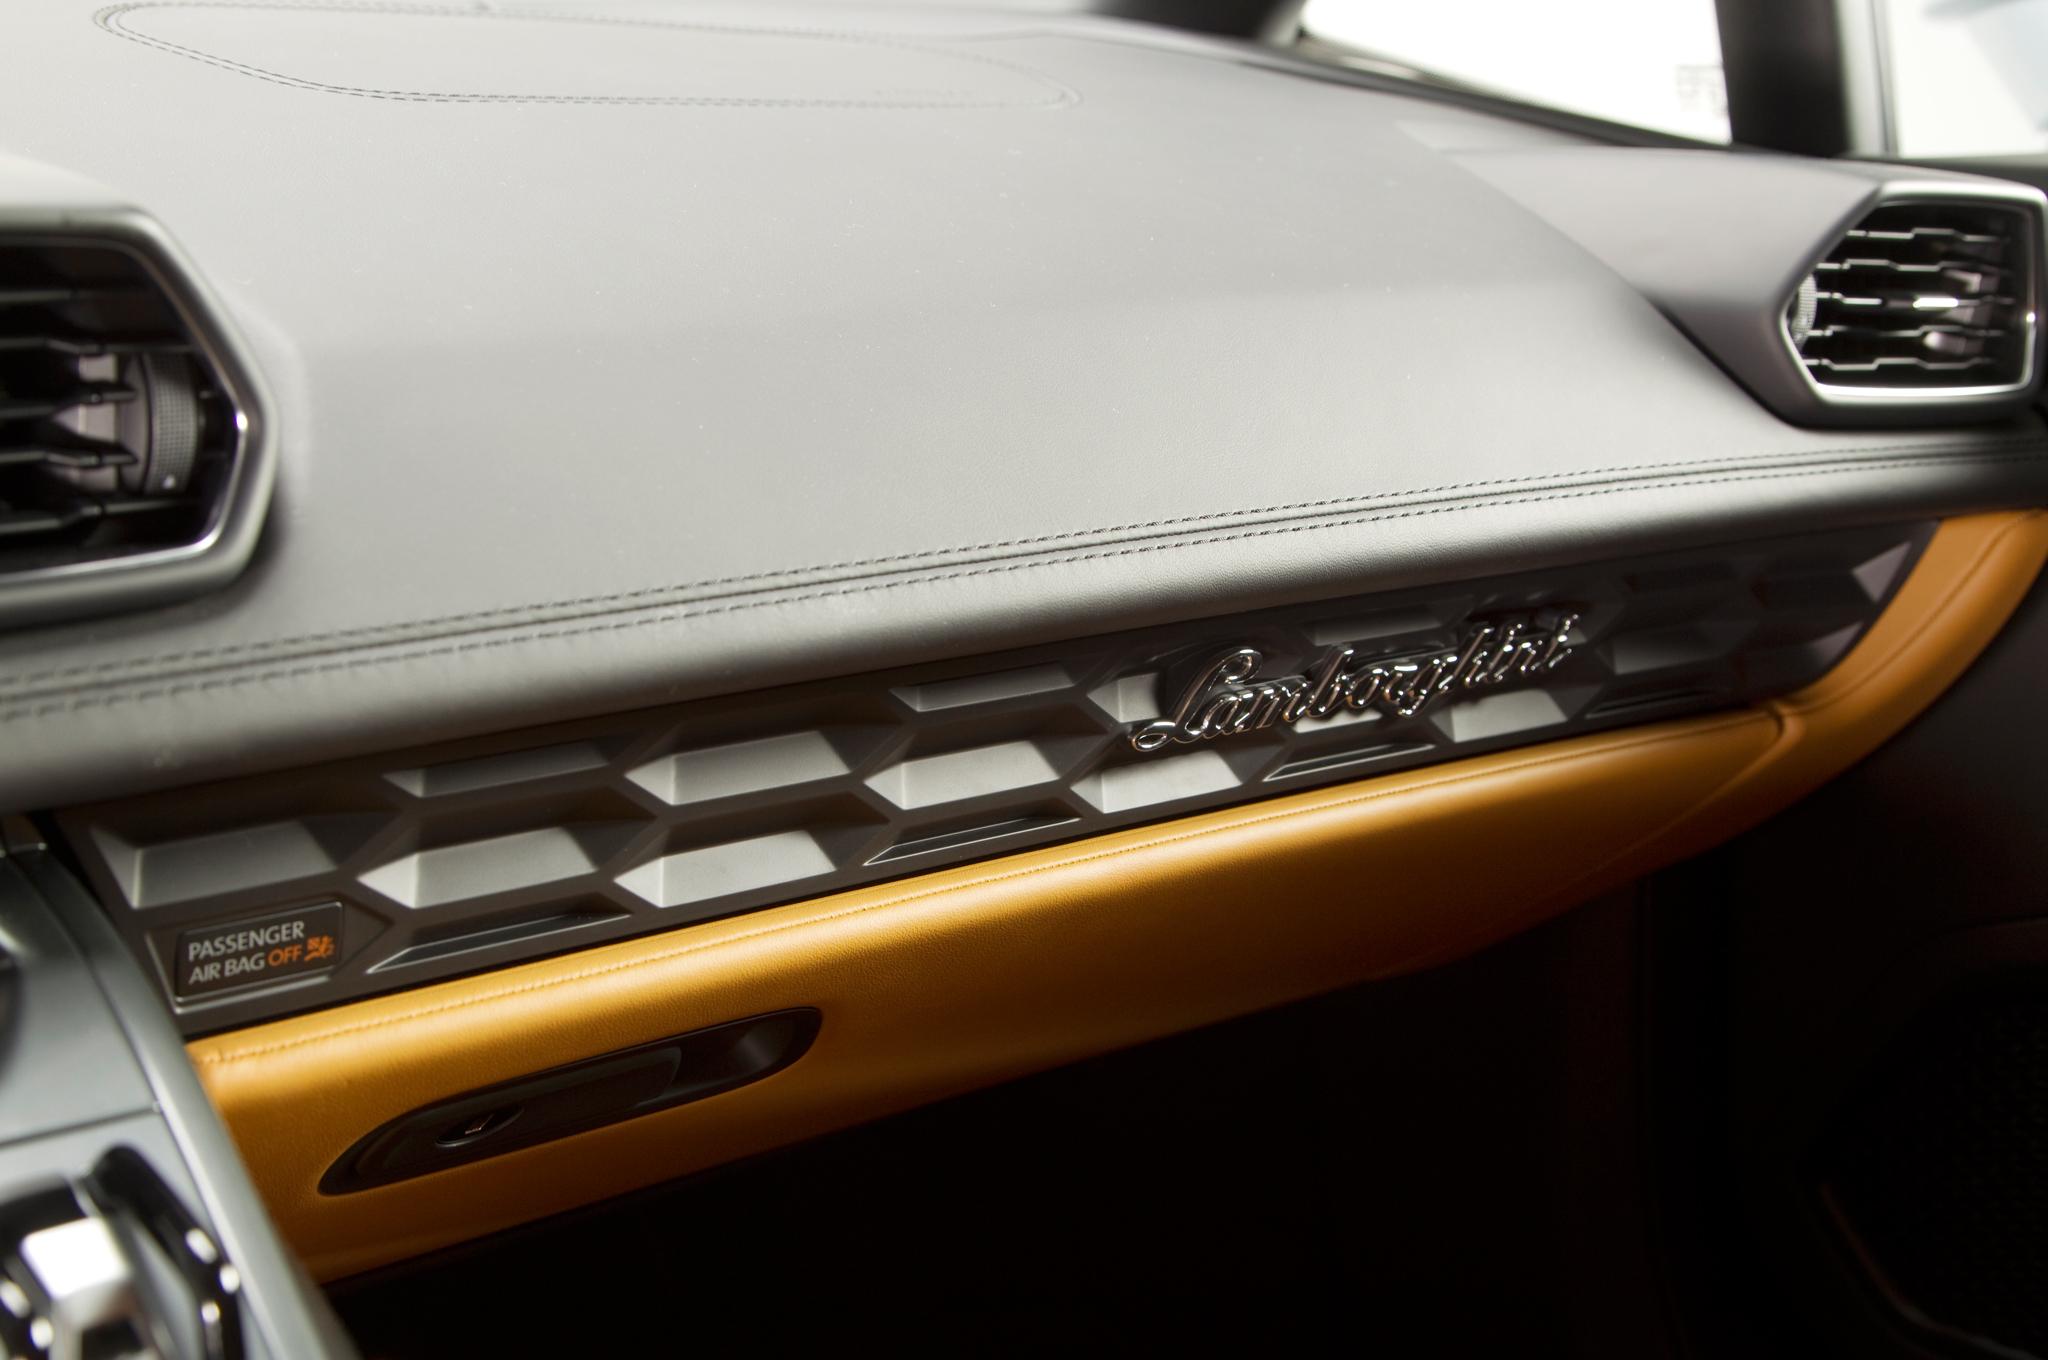 http—image.motortrend.com-f-roadtests-exotic-1312_2015_lamborghini_huracan_first_look-59411381-2015-Lamborghini-Huracan-dashboard